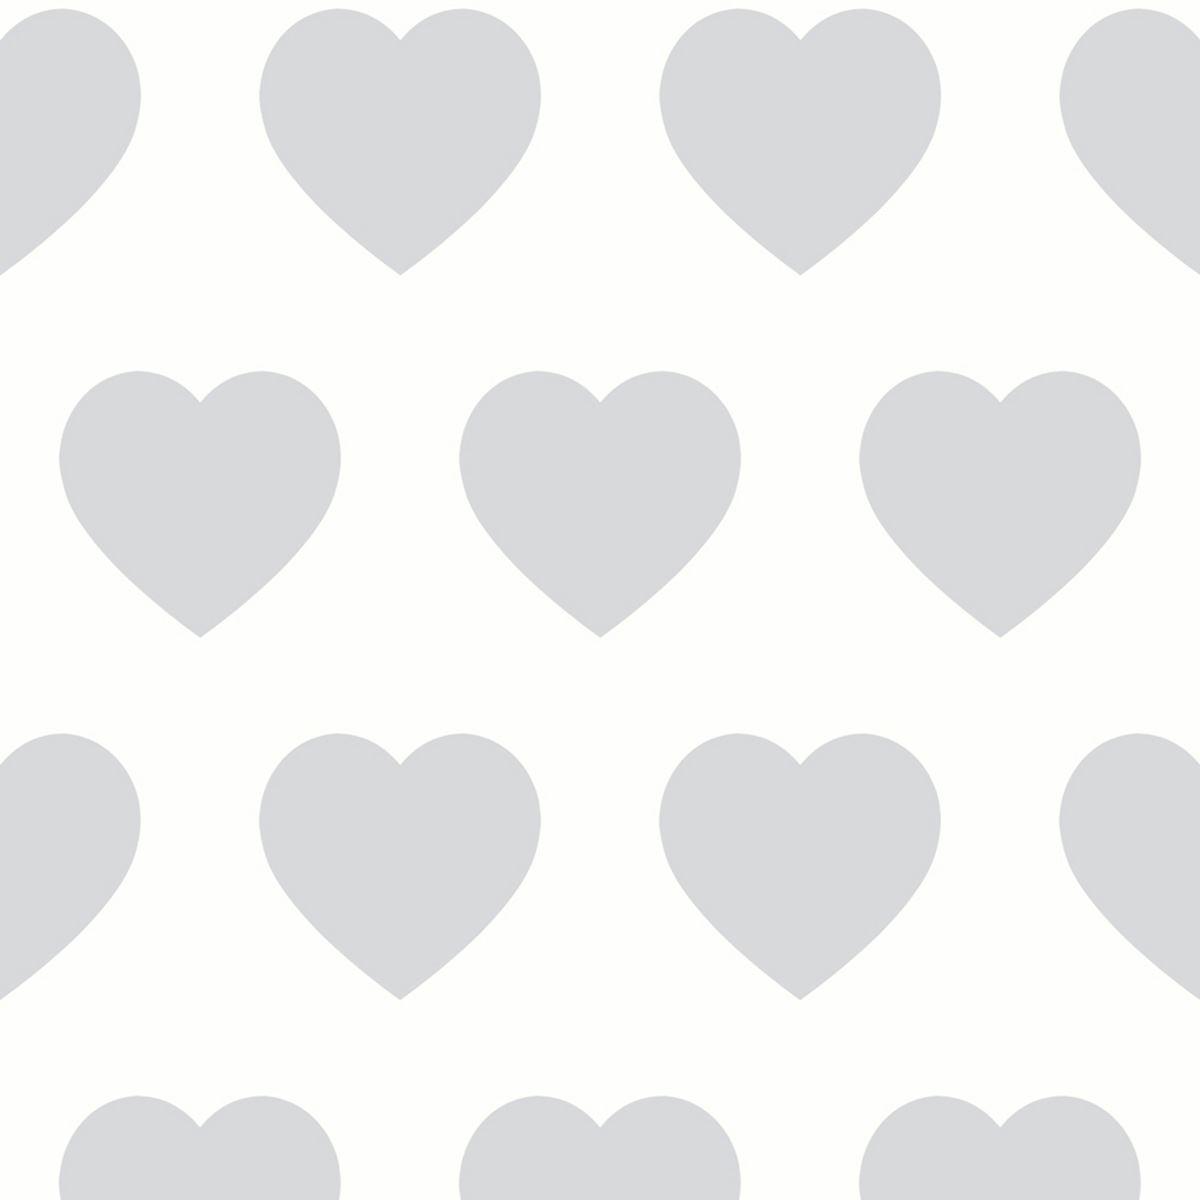 polka dots, stars, hearts & rosebuds patterned wallpaper nursery